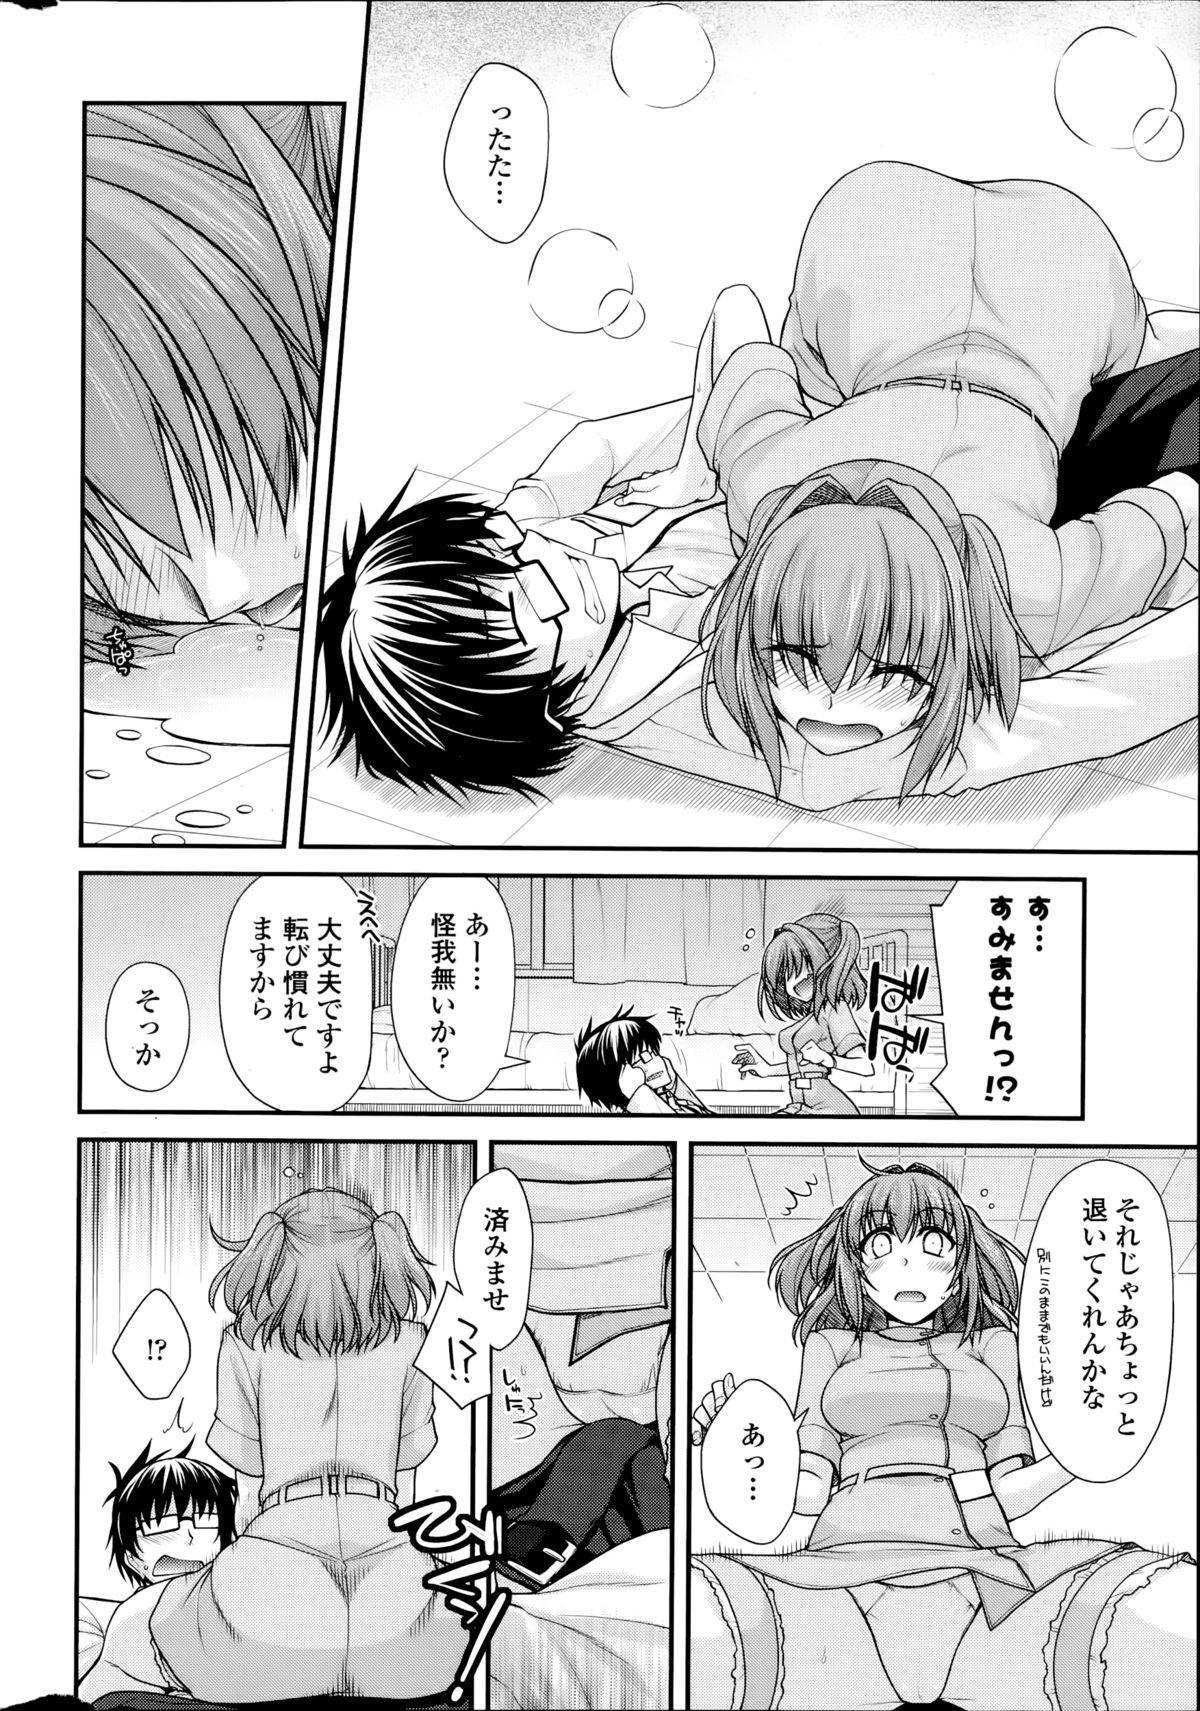 Yumemirukusuri Ch. 1-4 7